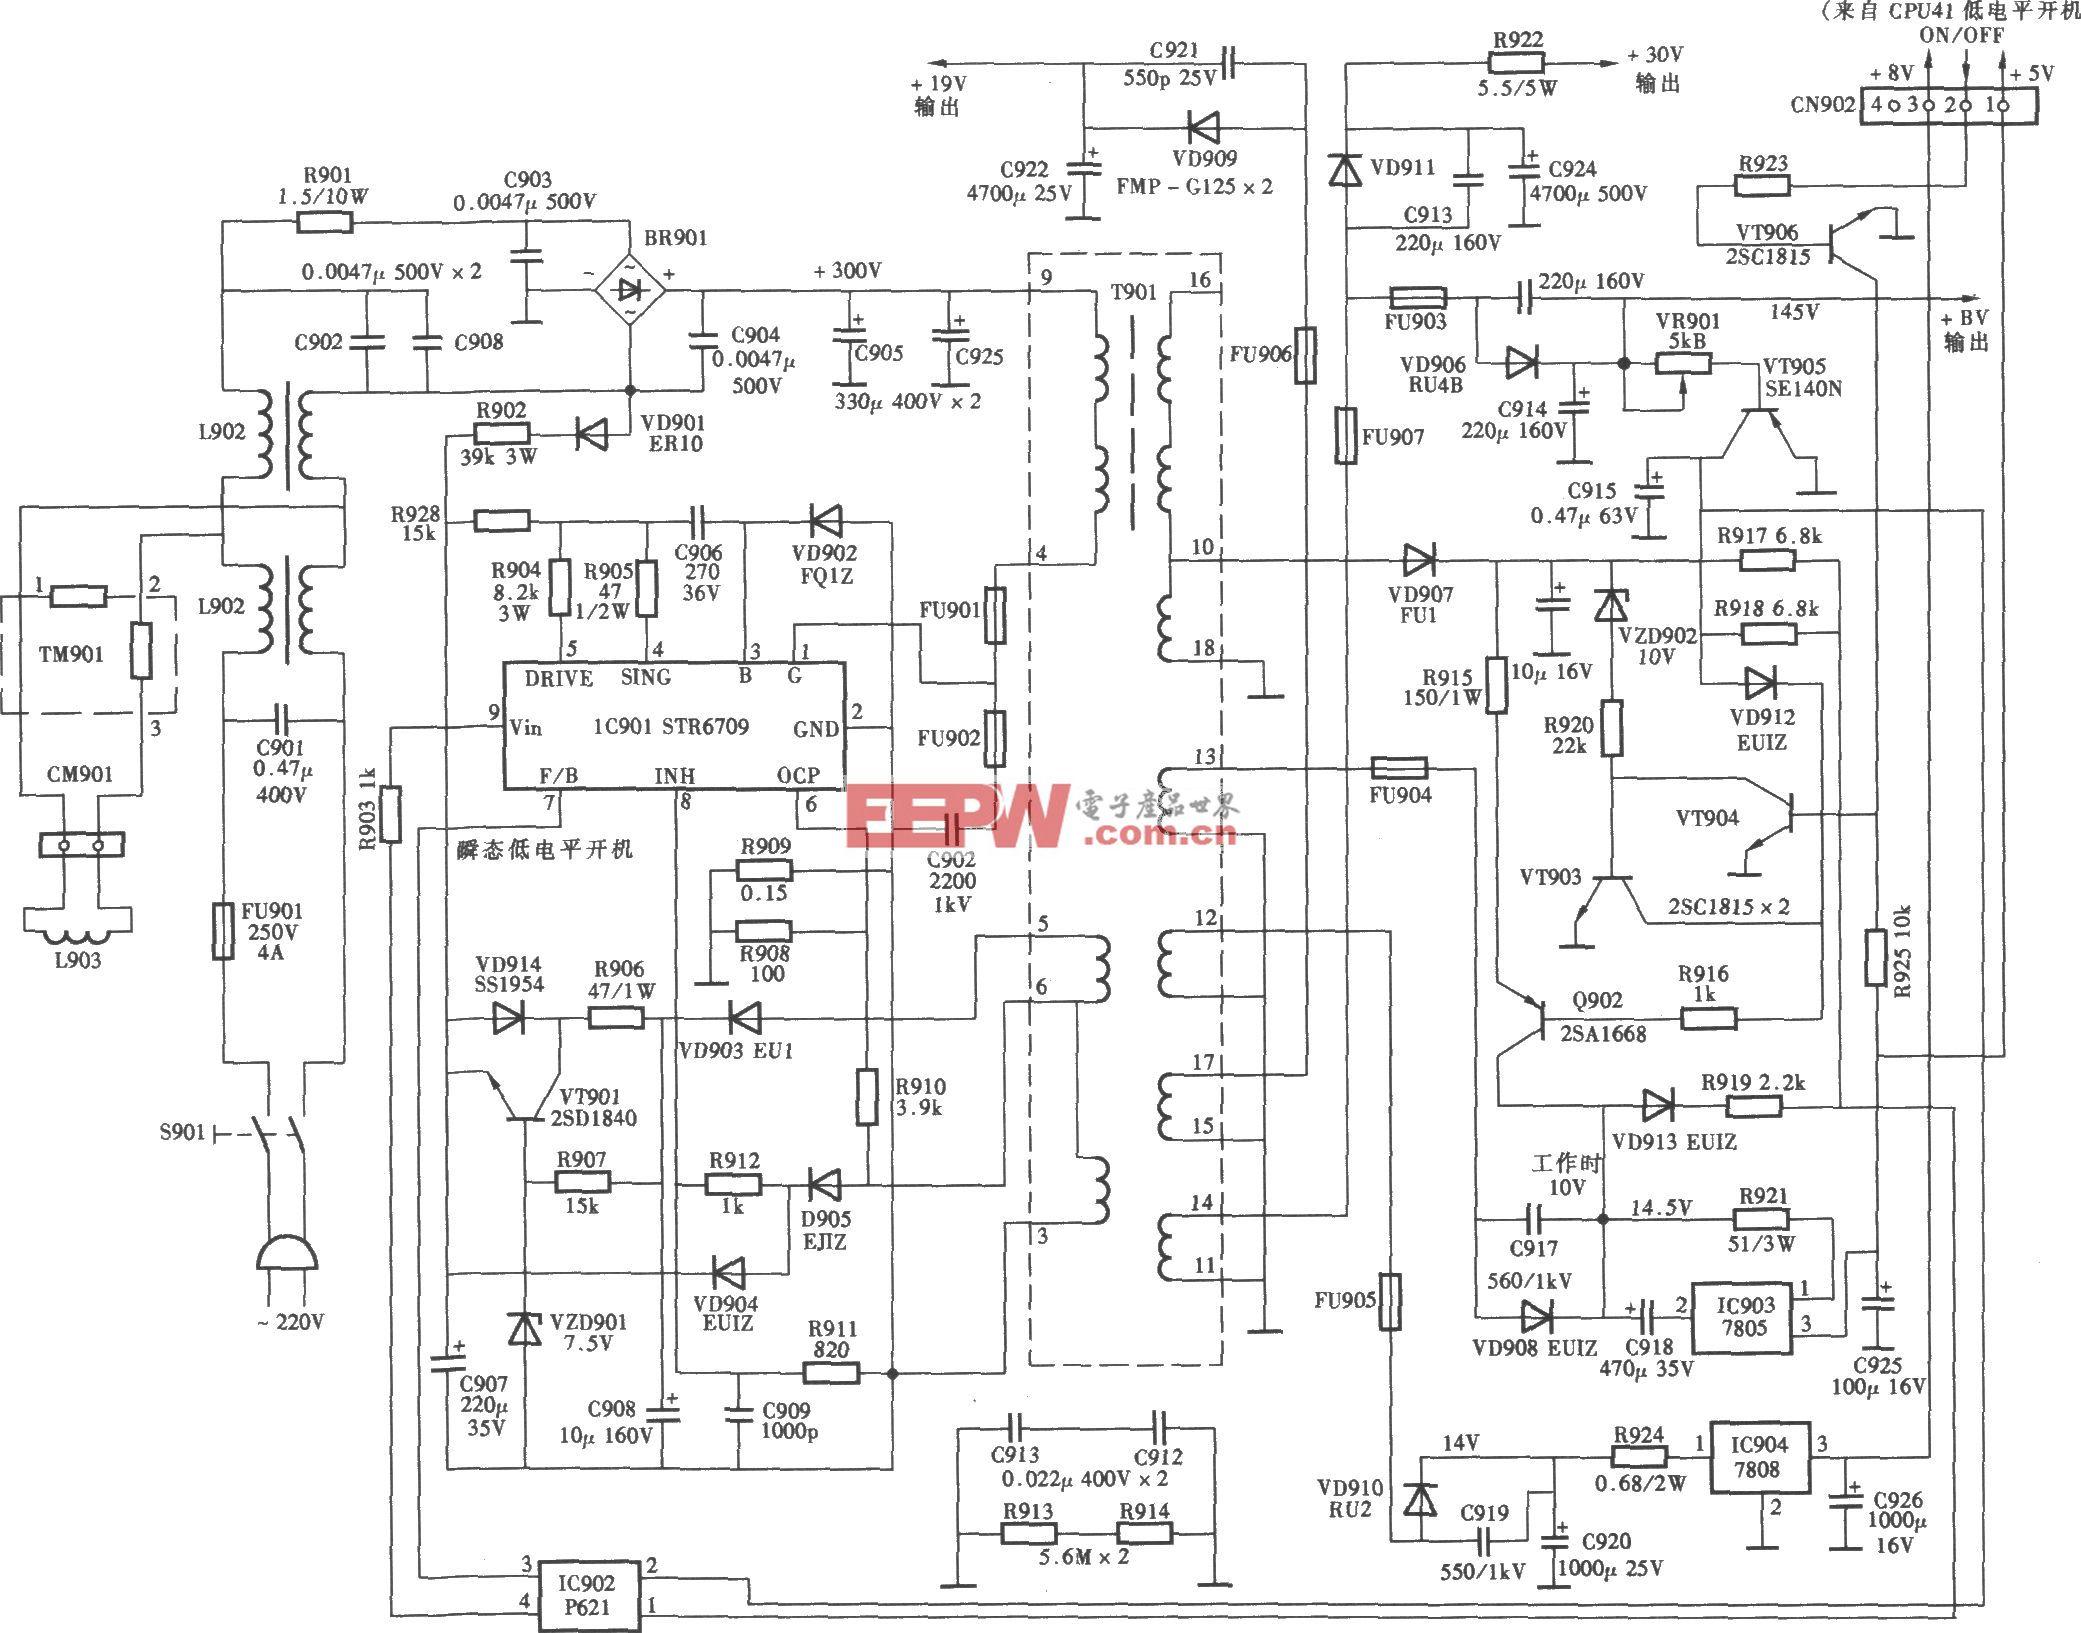 康佳P2592N镜面彩电开关电源 (DTR-S6709A) 电路